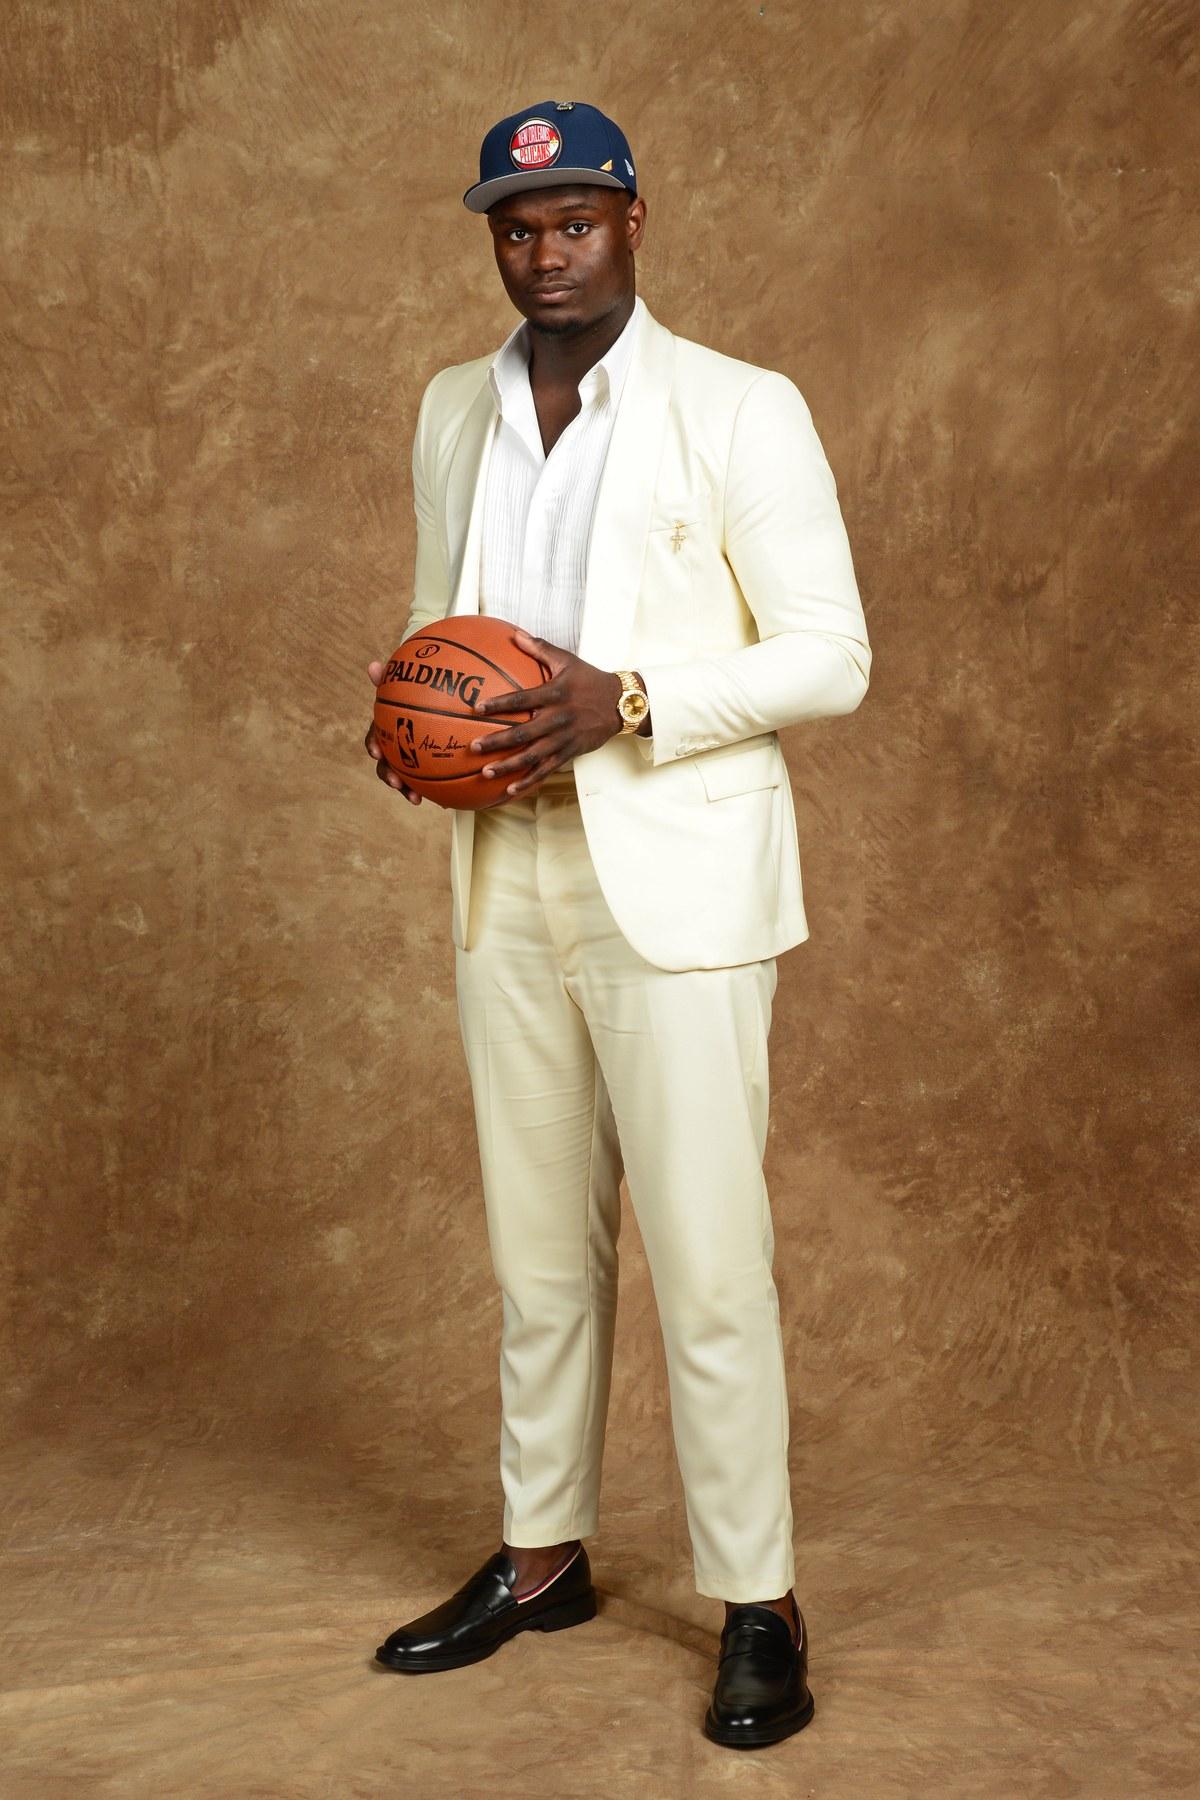 Zion Williamson Abrimos a galeria com a grande estrela da noite. Escolha número do draft, Zion mostrou que além de uma promissora carreira na NBA, ele também promete dar o que falar no quesito moda. Com um traje de lapela  shawl  (arredondada) - que seguiu suas medidas com precisão e um discreto  loafer  sem meia, Zion aliou simplicidade com bom gosto e por isso foi um dos mais elegantes do evento.